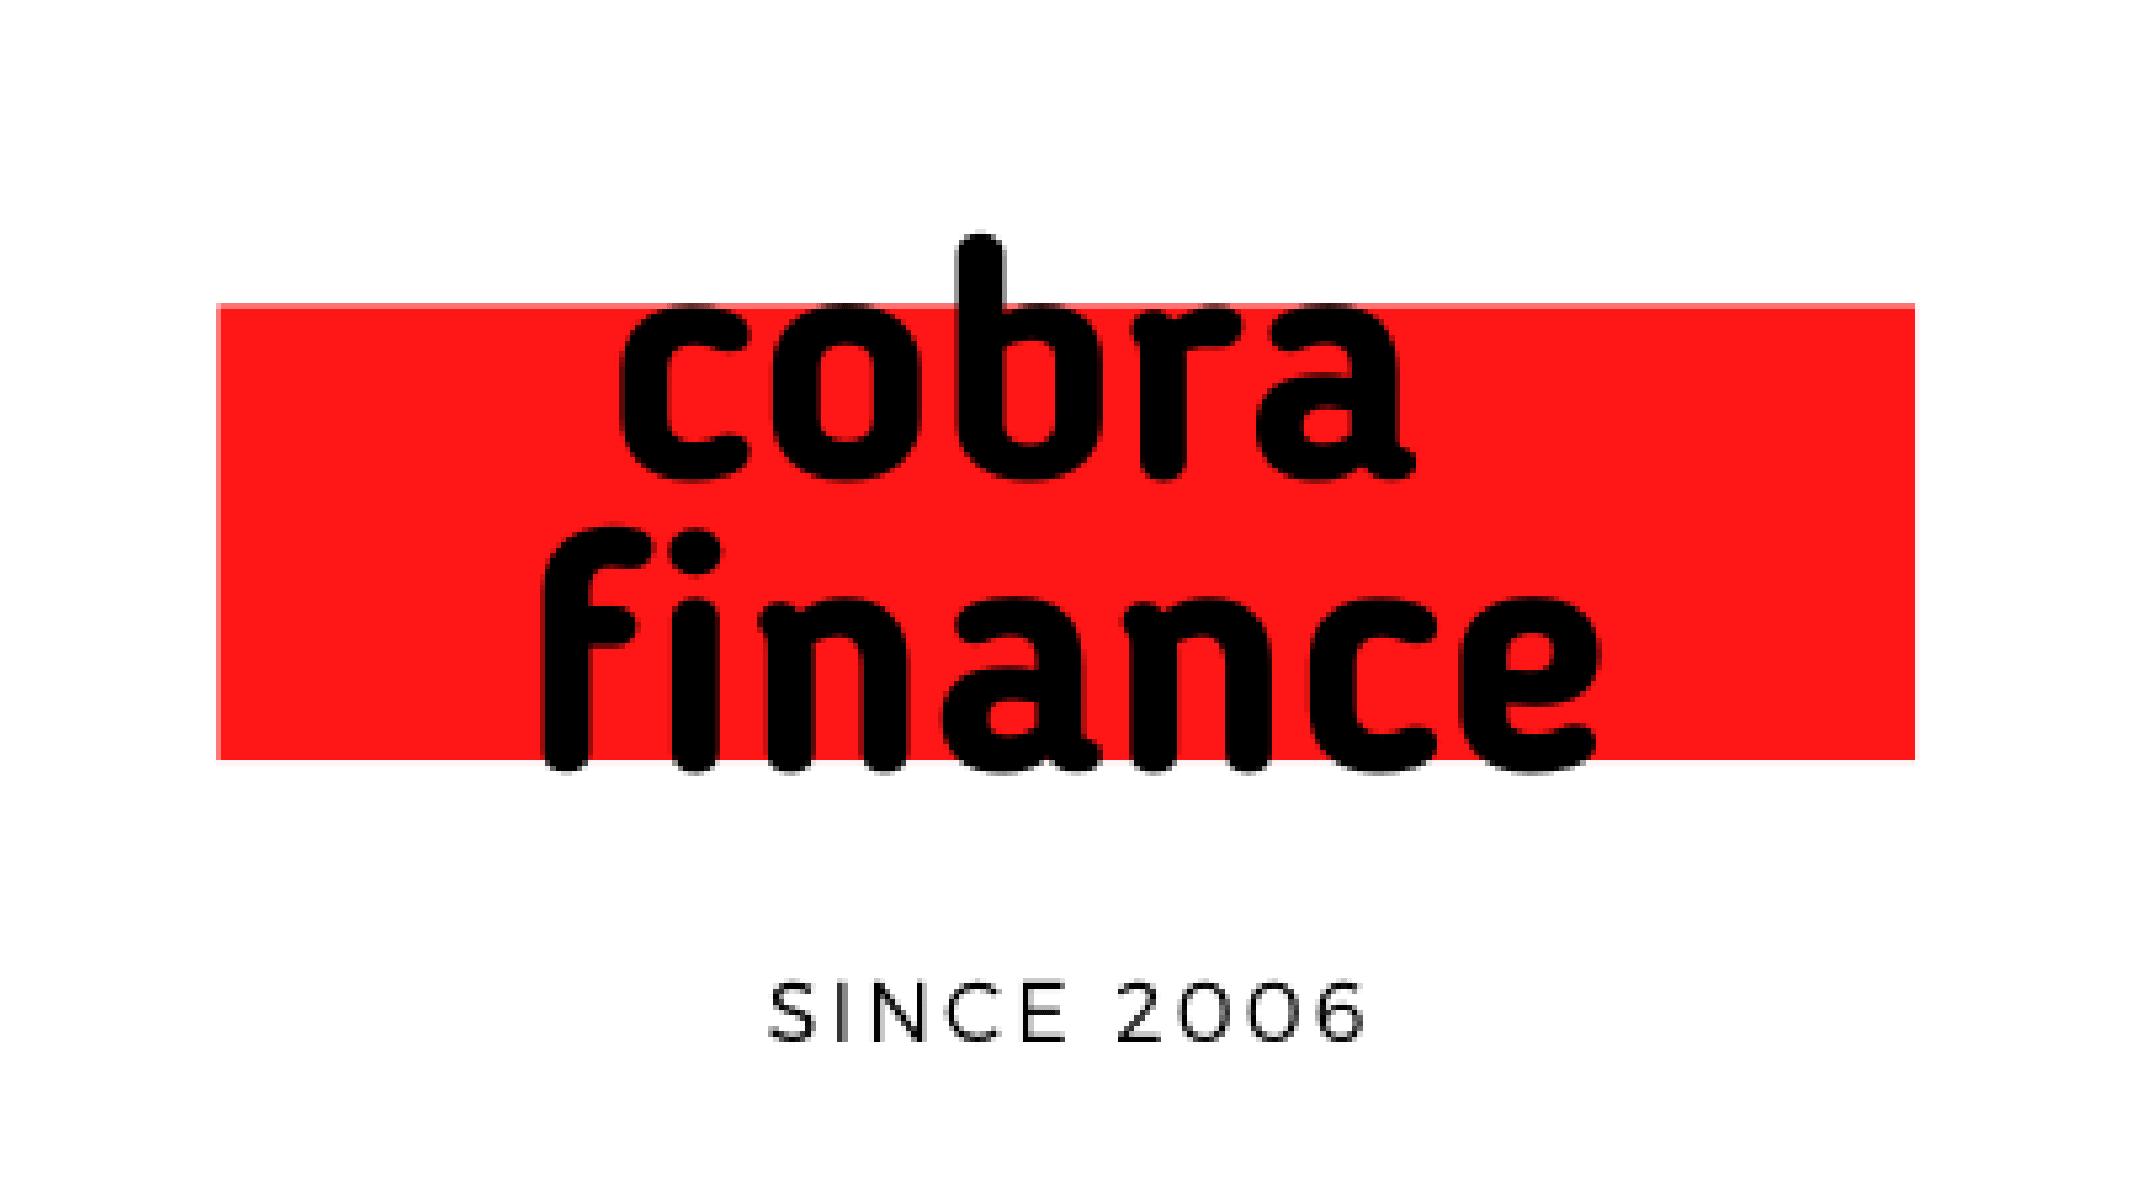 COBRA FINANCE